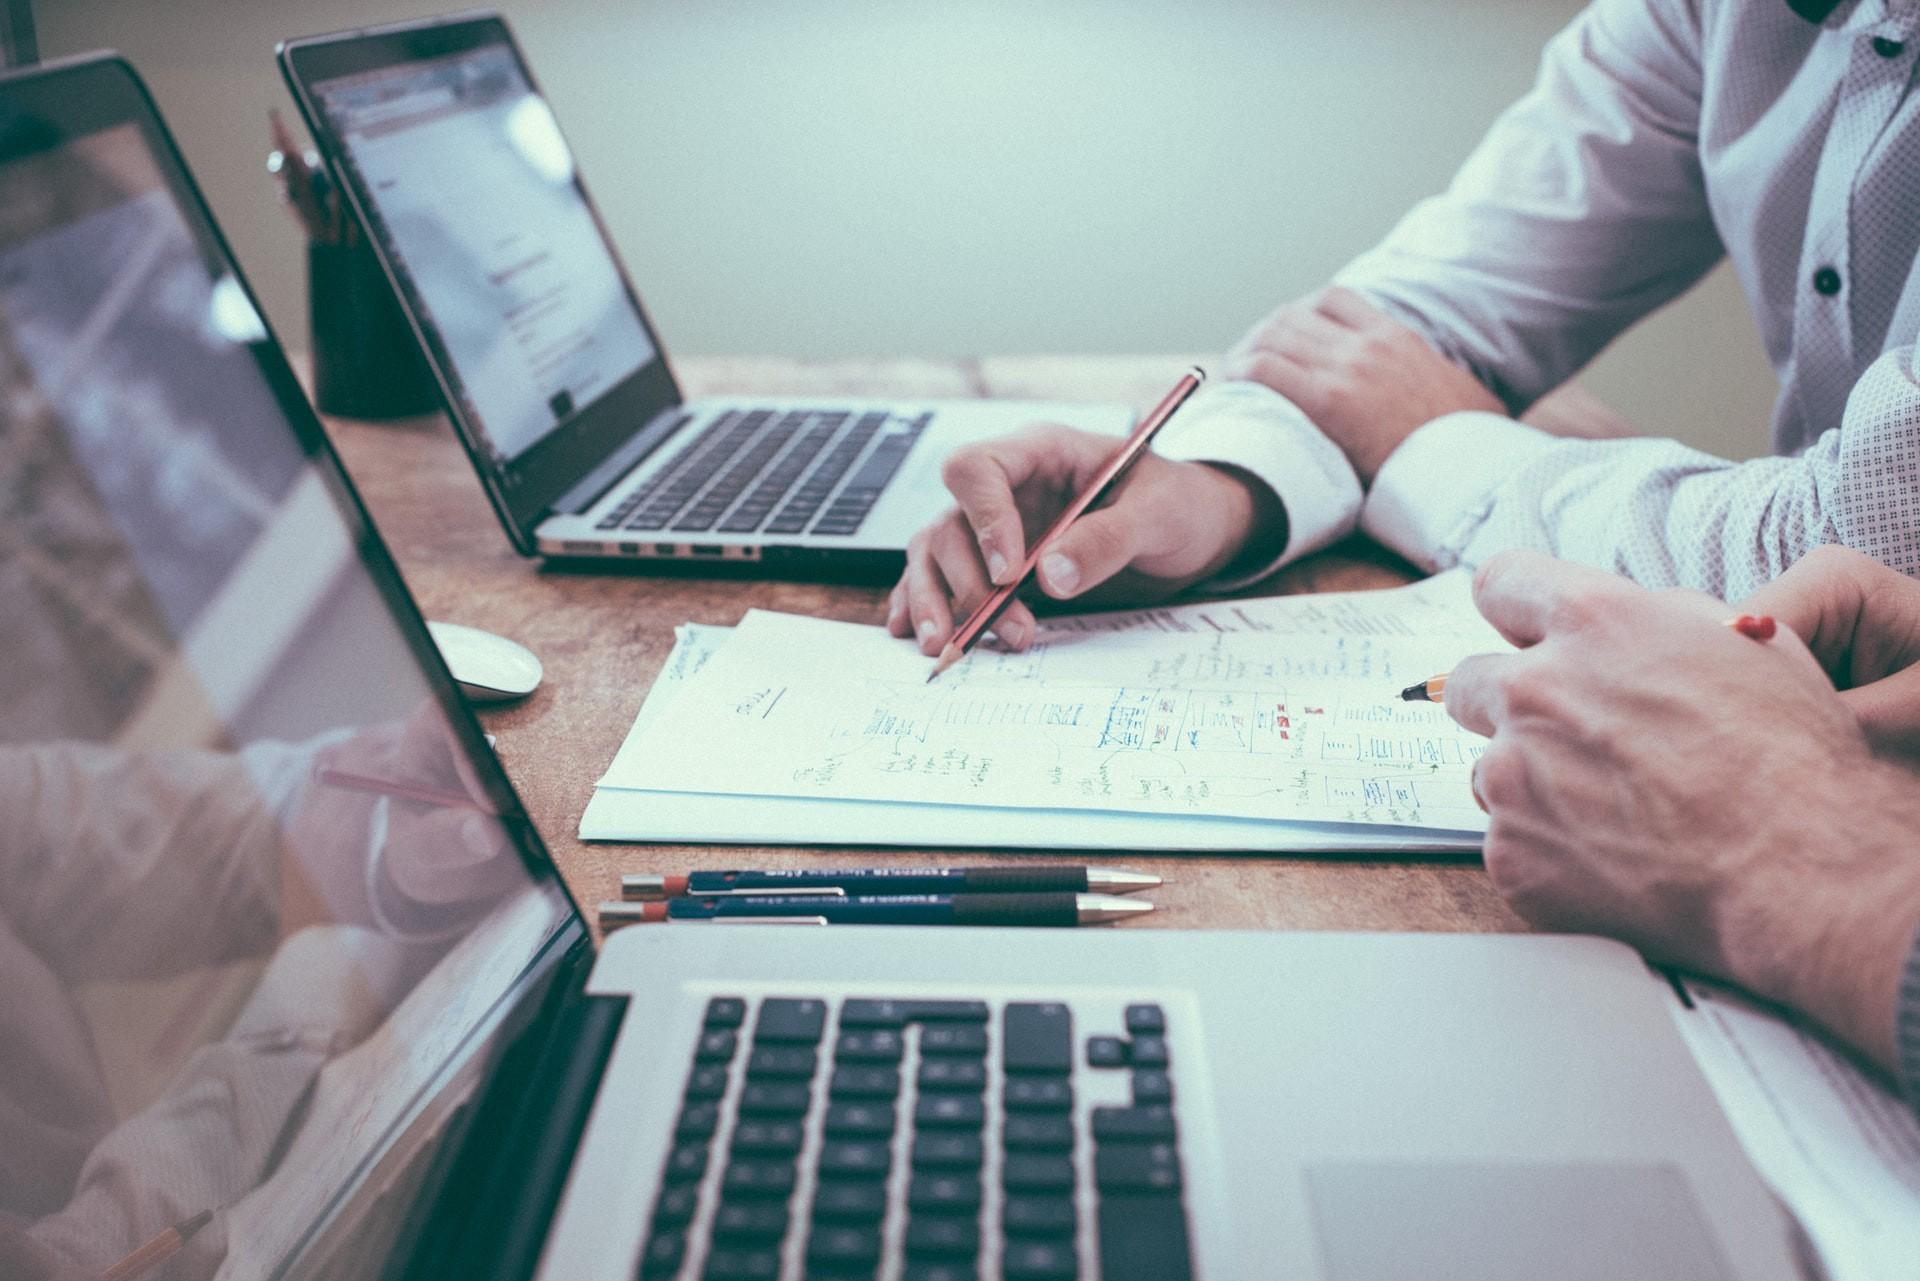 Foto eines Schreibtischs, auf dem zwei Laptops stehen. Zwei Männerhände arbeiten in deren Mitte an einem Dokument.